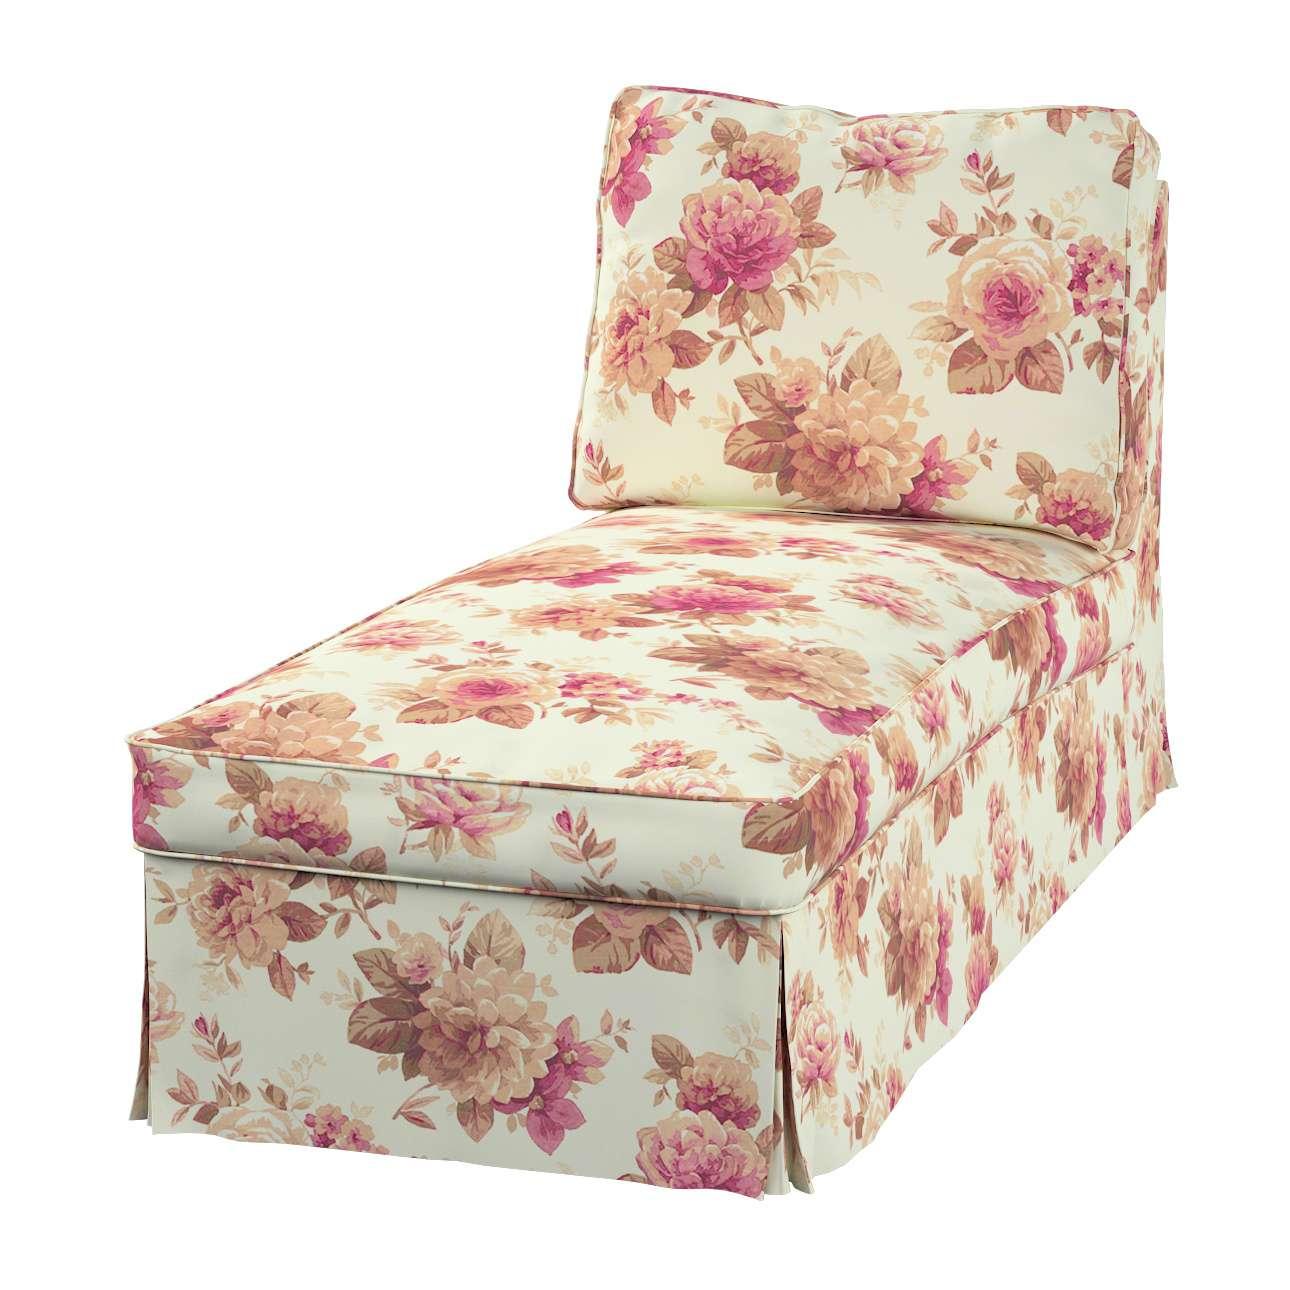 Ektorp gulimojo krėslo užvalkalas (be porankių, tiesus atlošas) Ektorp gulimasis krėslas be porankių, tiesiu atlošu, be suapavalinimų kolekcijoje Mirella, audinys: 141-06